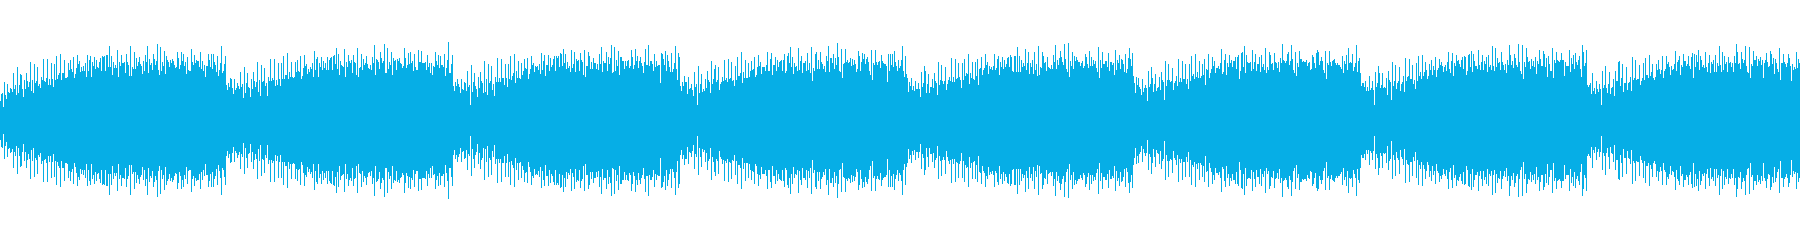 フィールド上の警報音の再生済みの波形